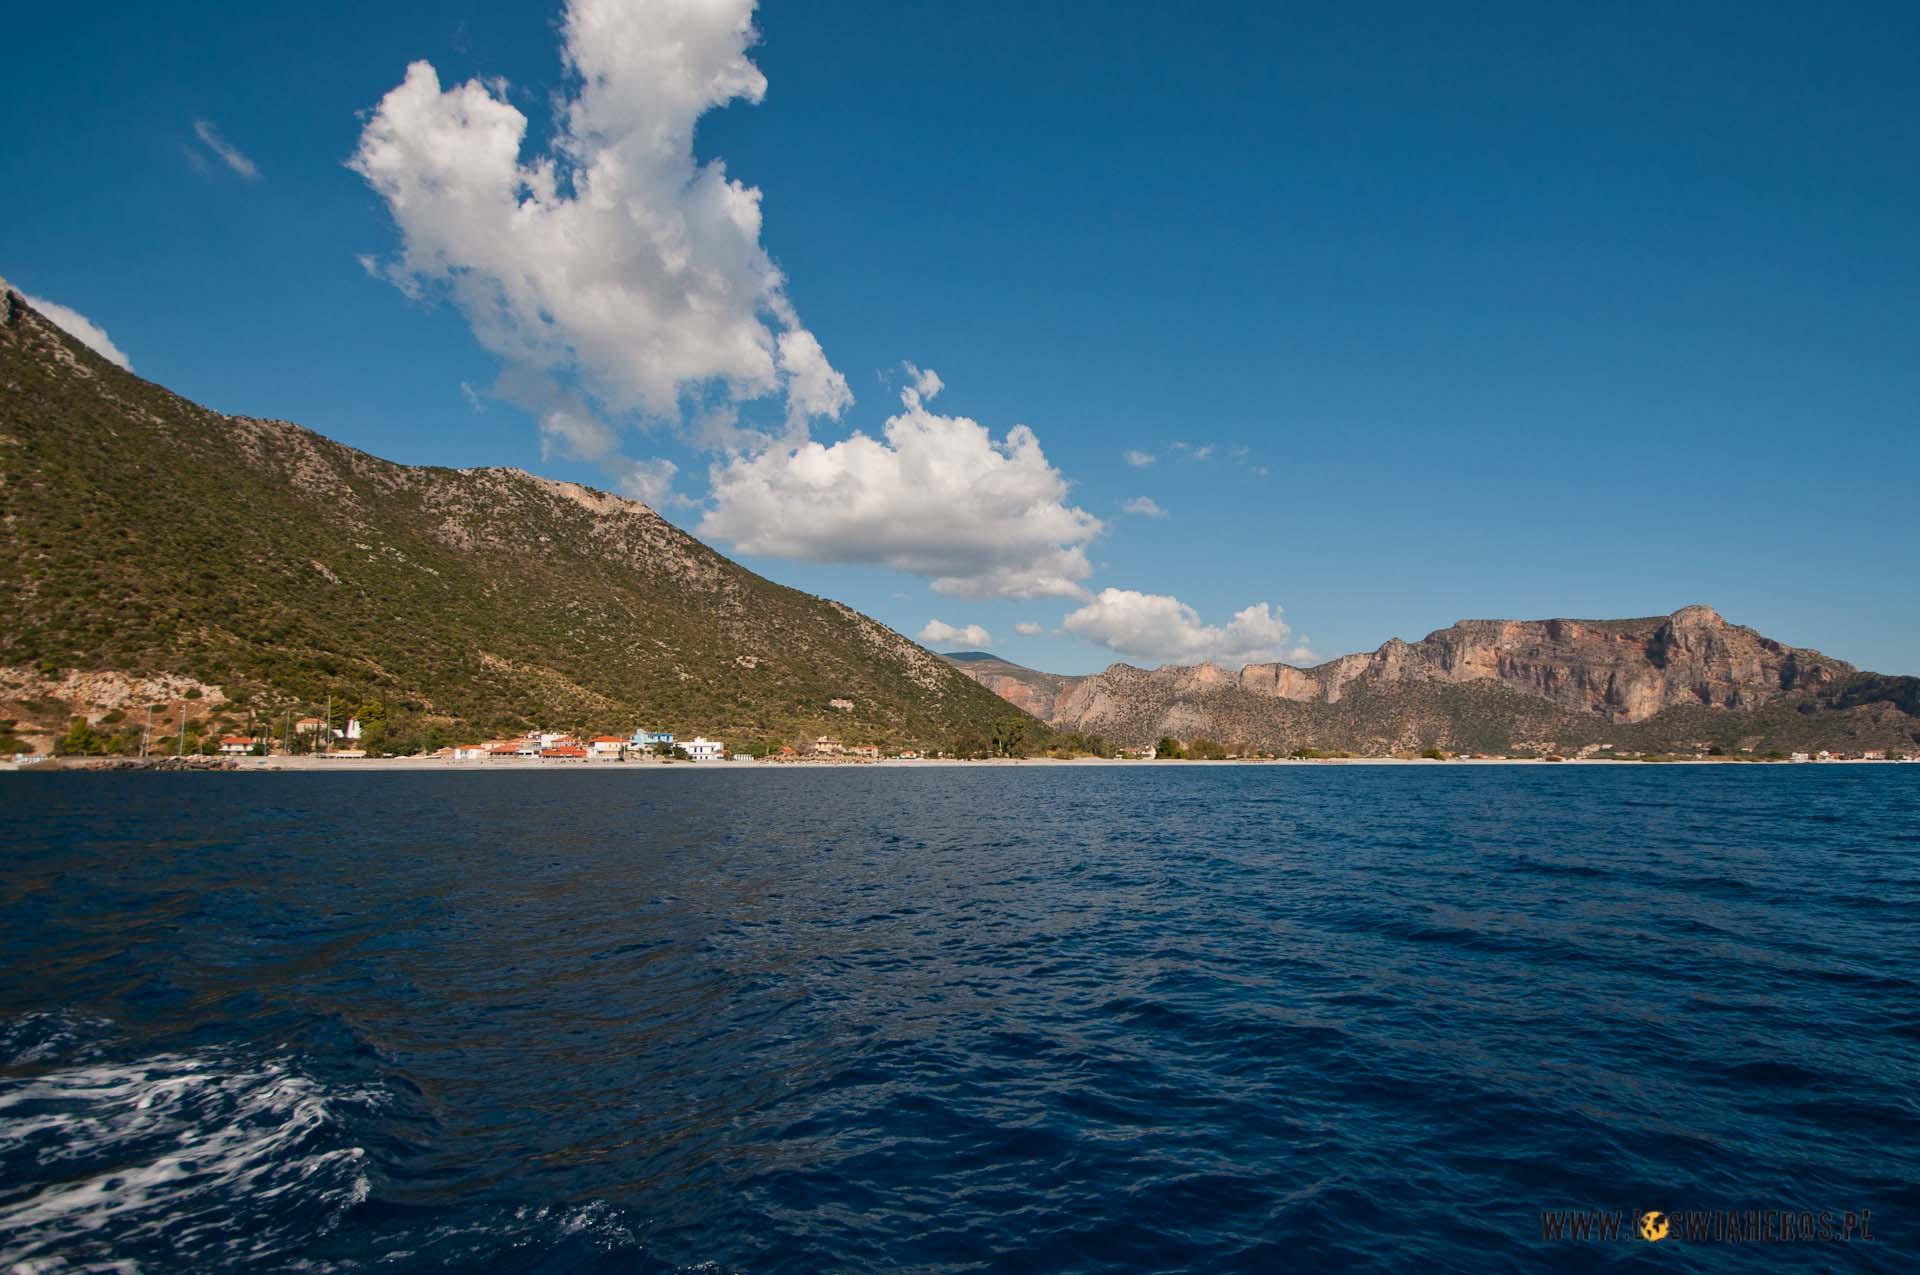 Grecka wyspa z pokładu jachtu wygląda intrygująco